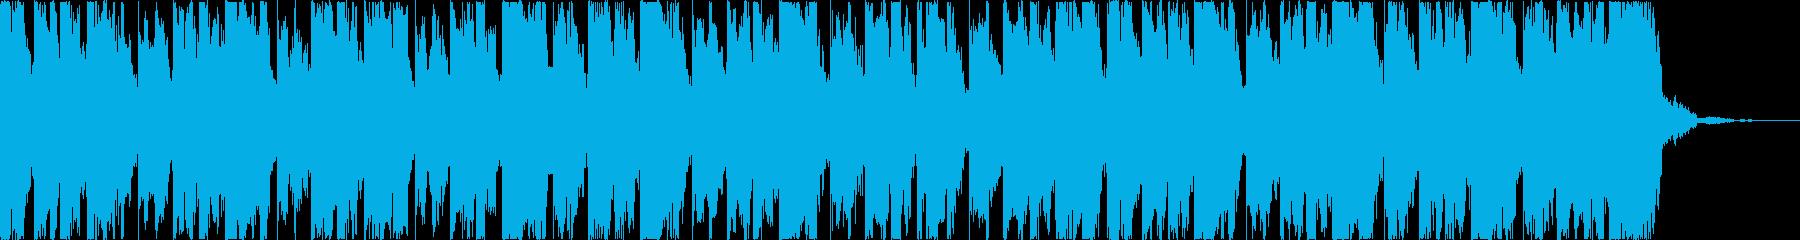 チルアウトおしゃれなトロピカルハウスcの再生済みの波形